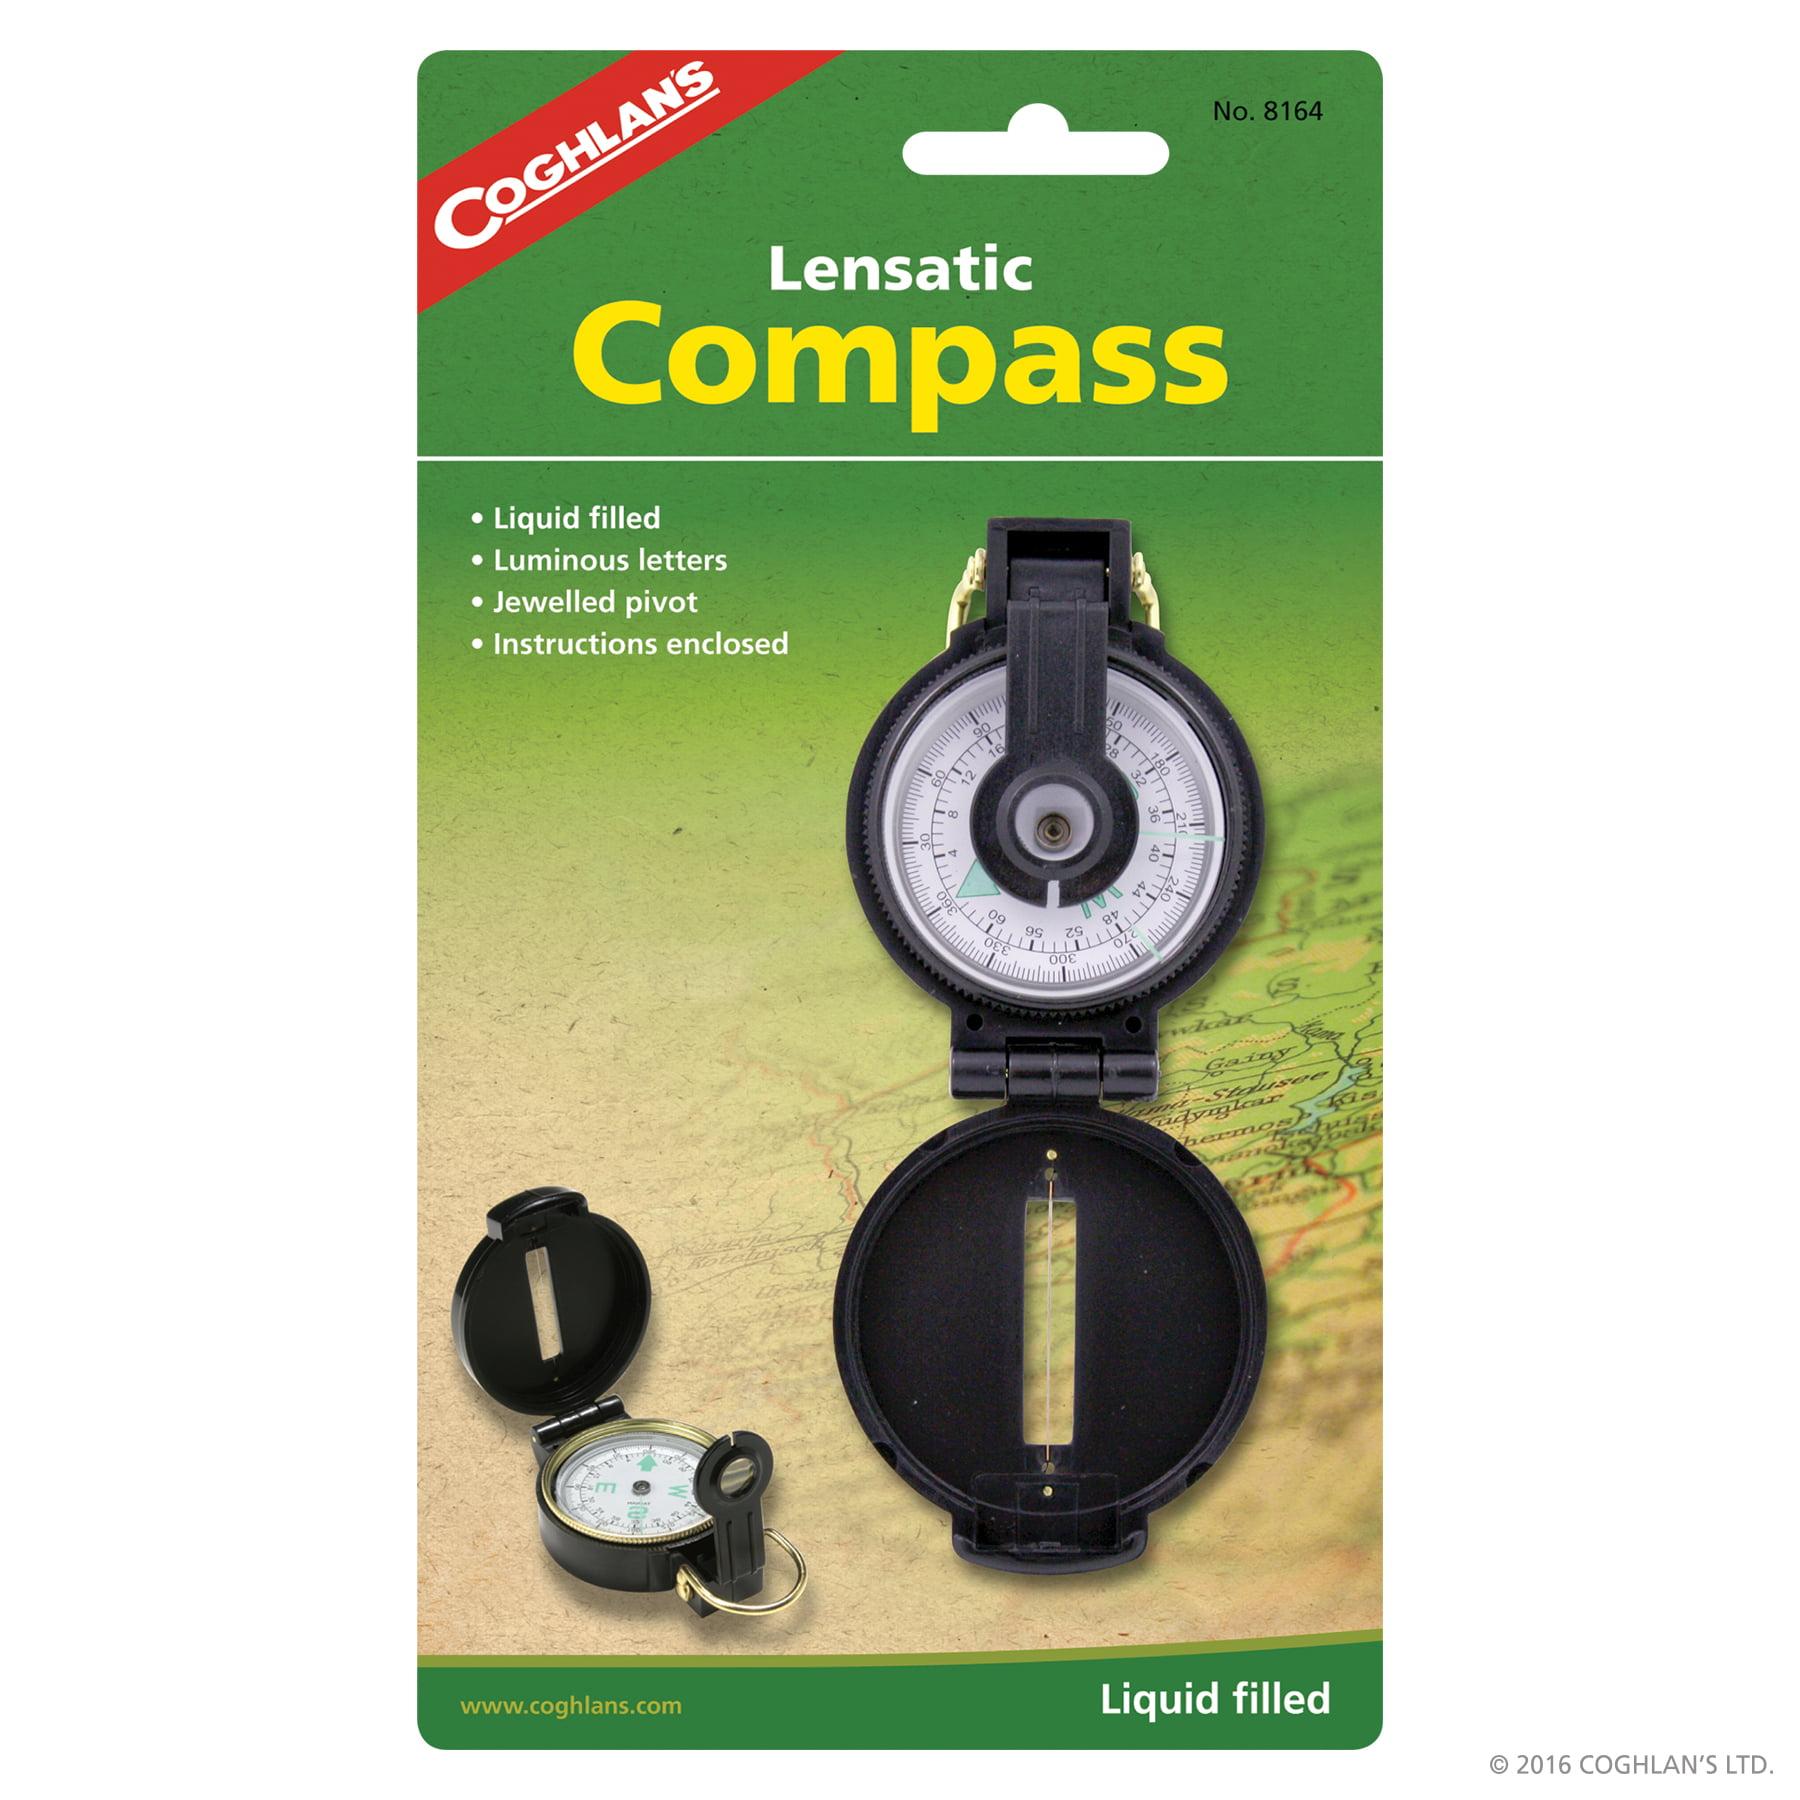 Coghlans Lensatic Compass by Coghlans